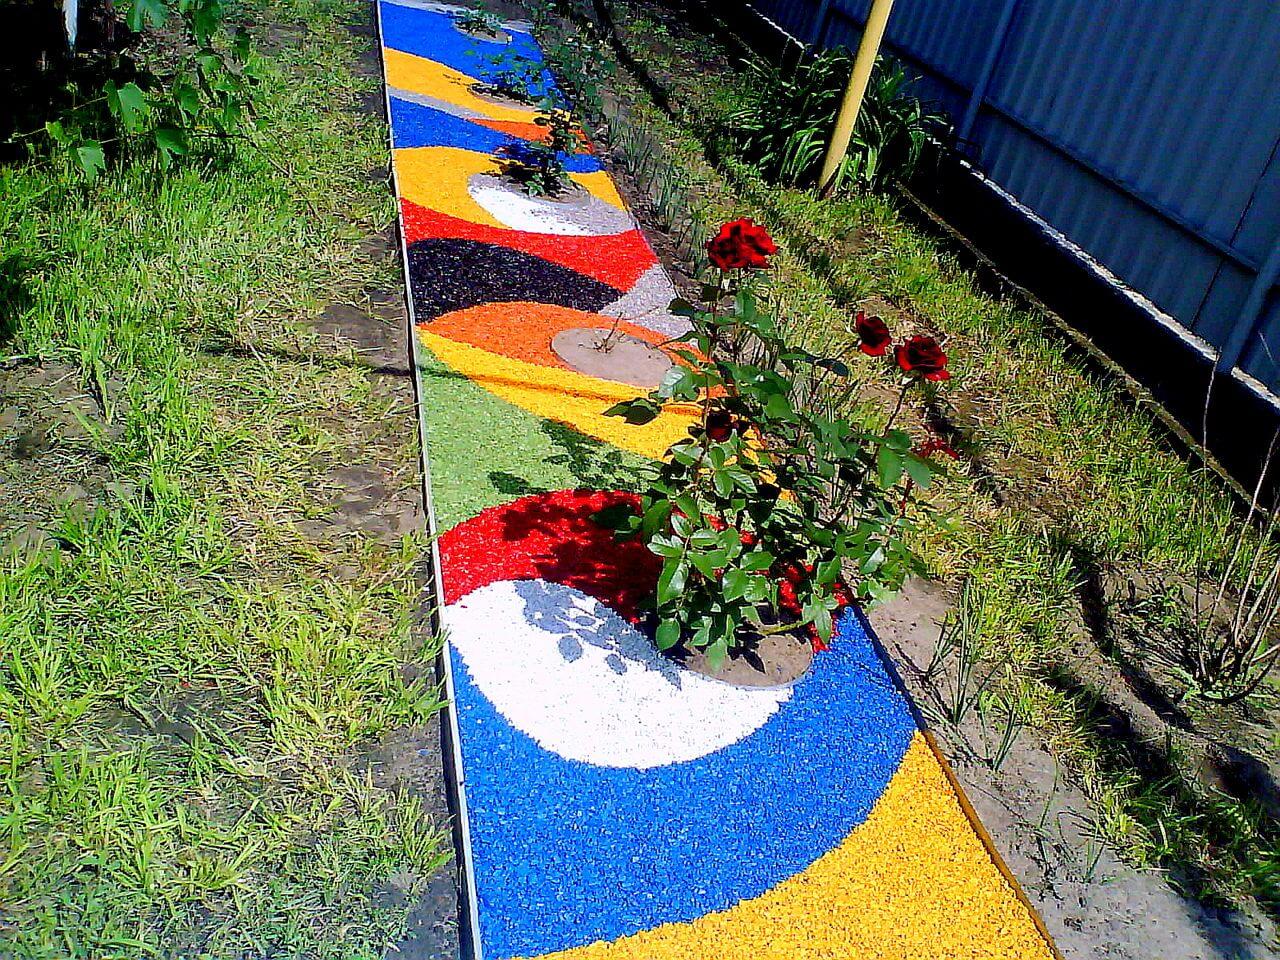 Дорожки своими руками для сада и дачи: 50 фото как сделать садовую дорожку 36